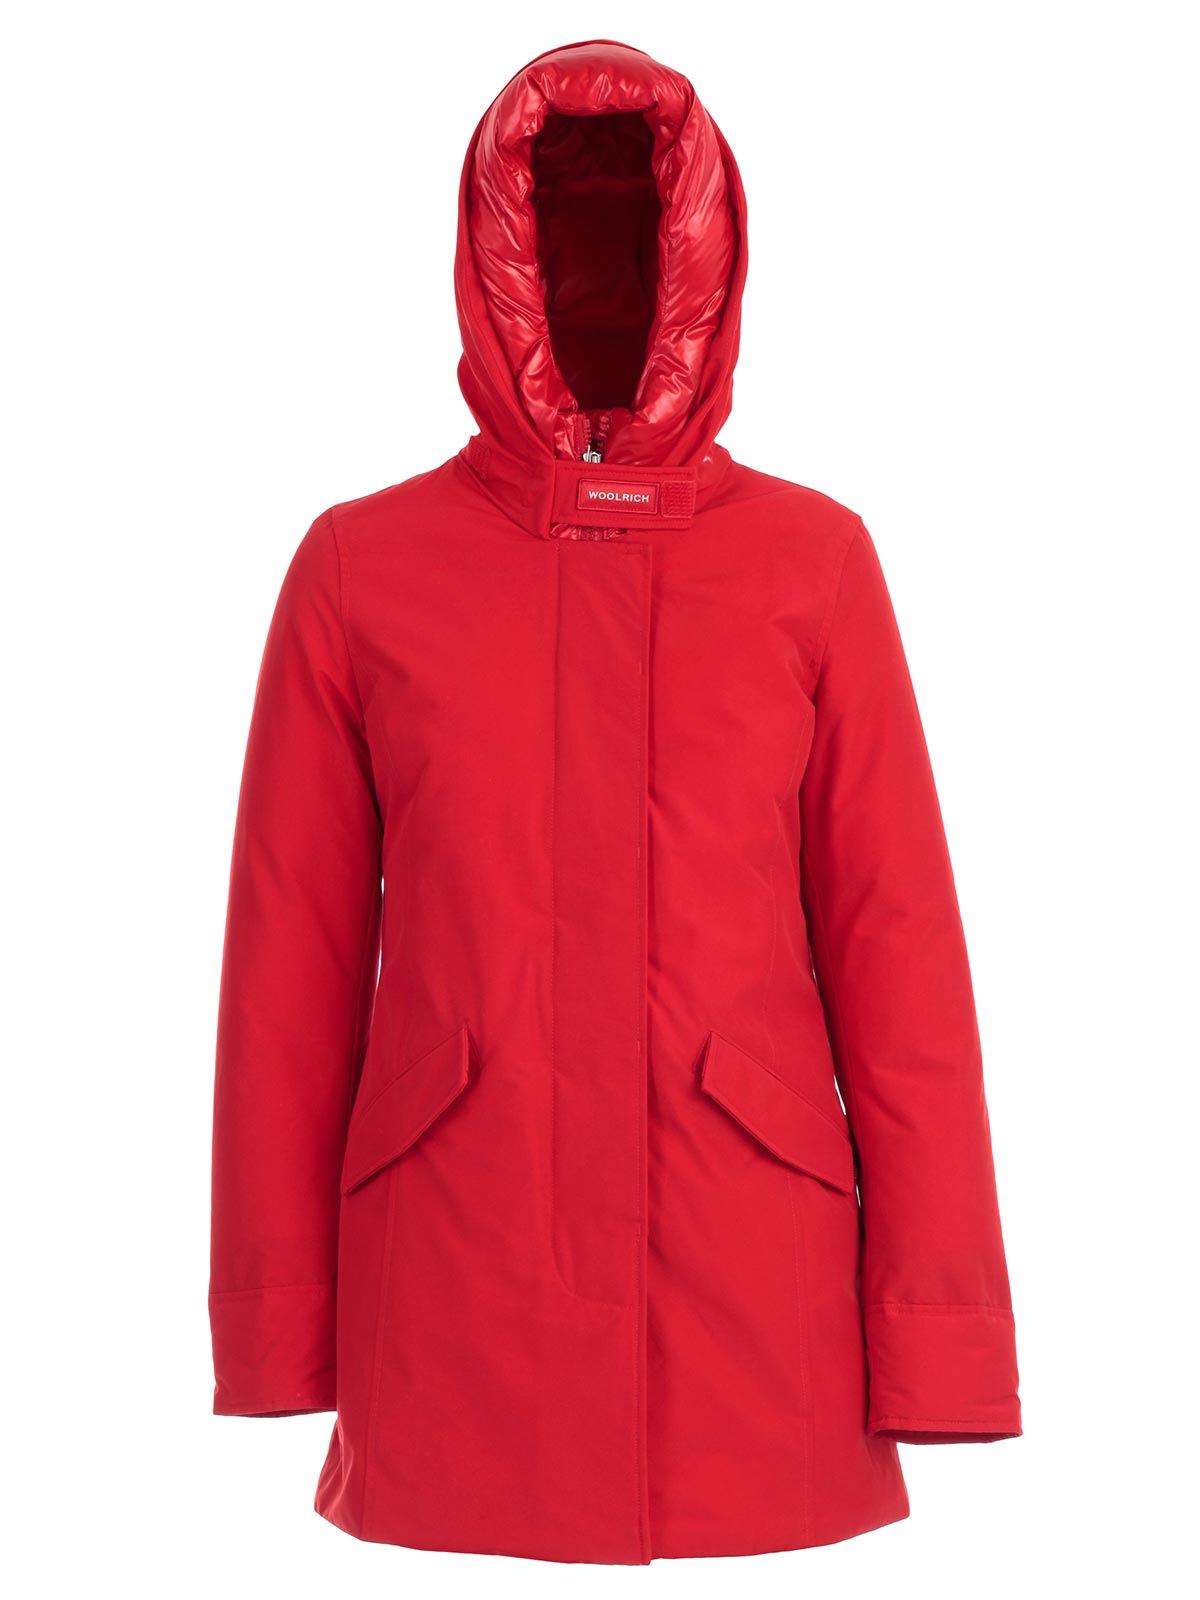 Woolrich Padded Jacket W/hood